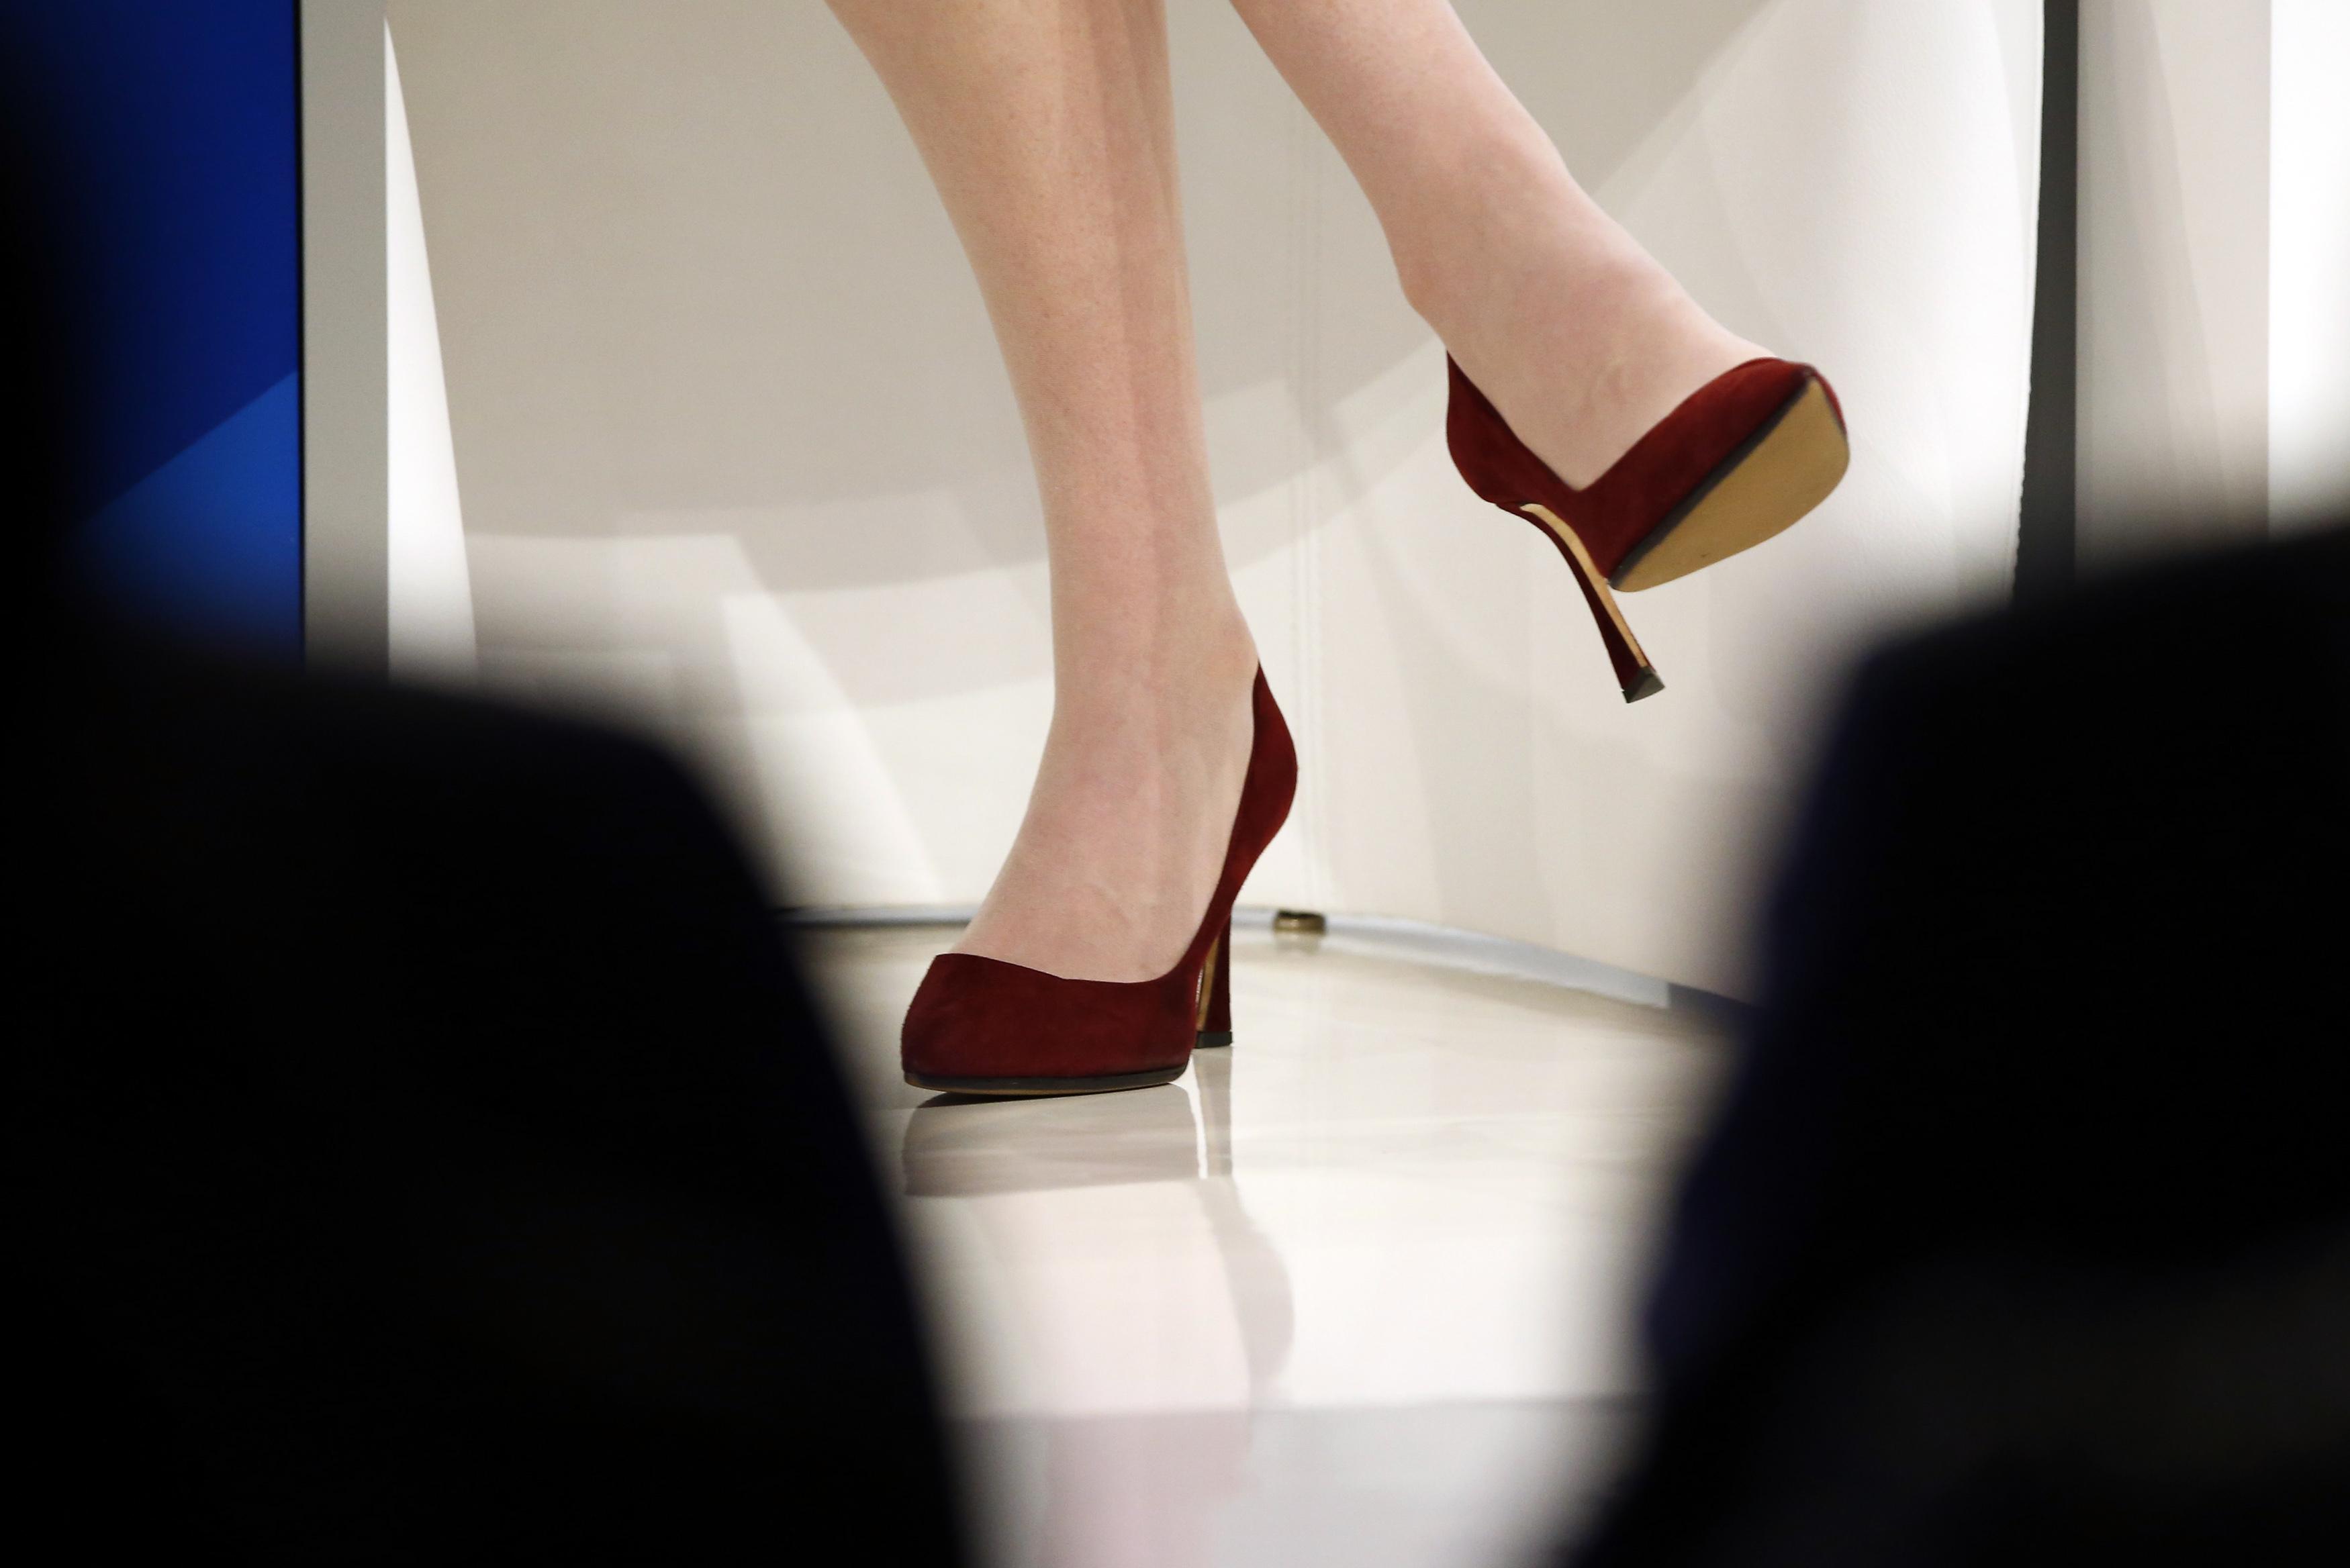 high heels and legs under a desk